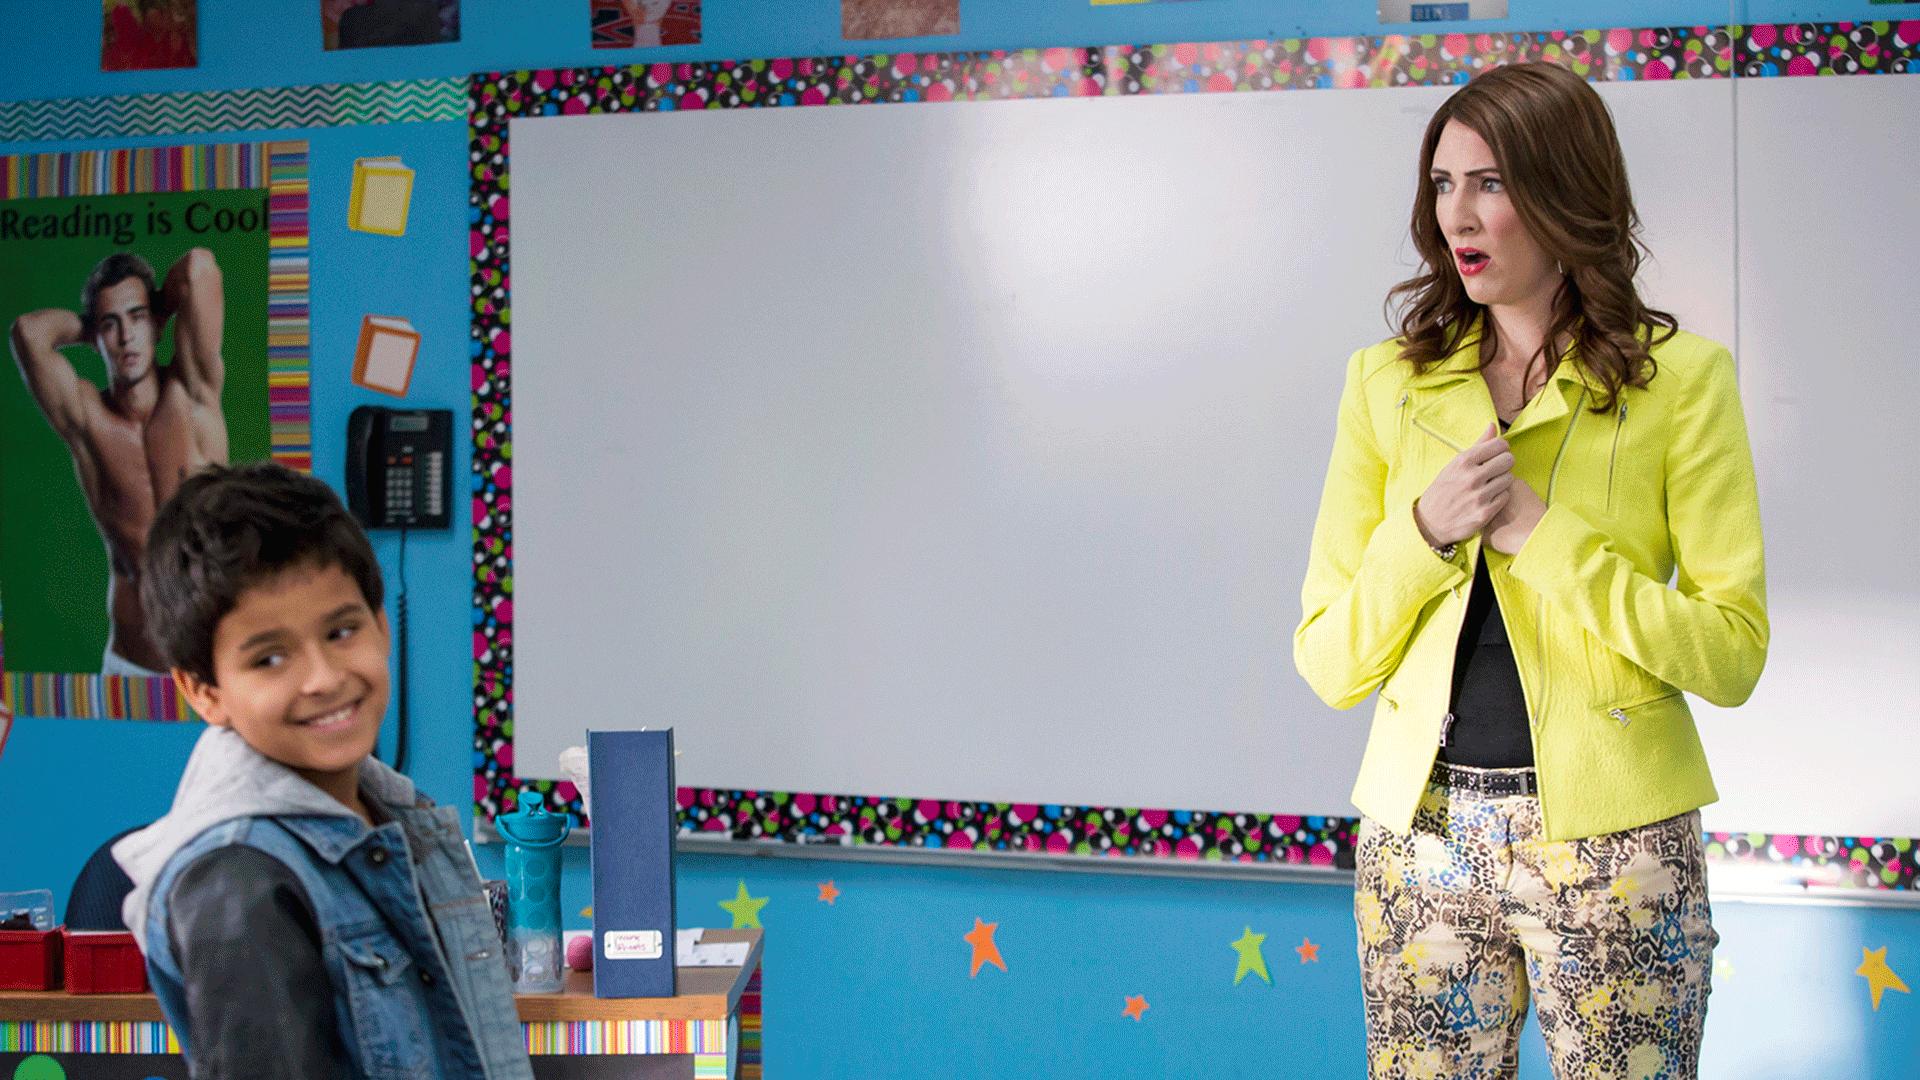 Teachers | TVLAND.com